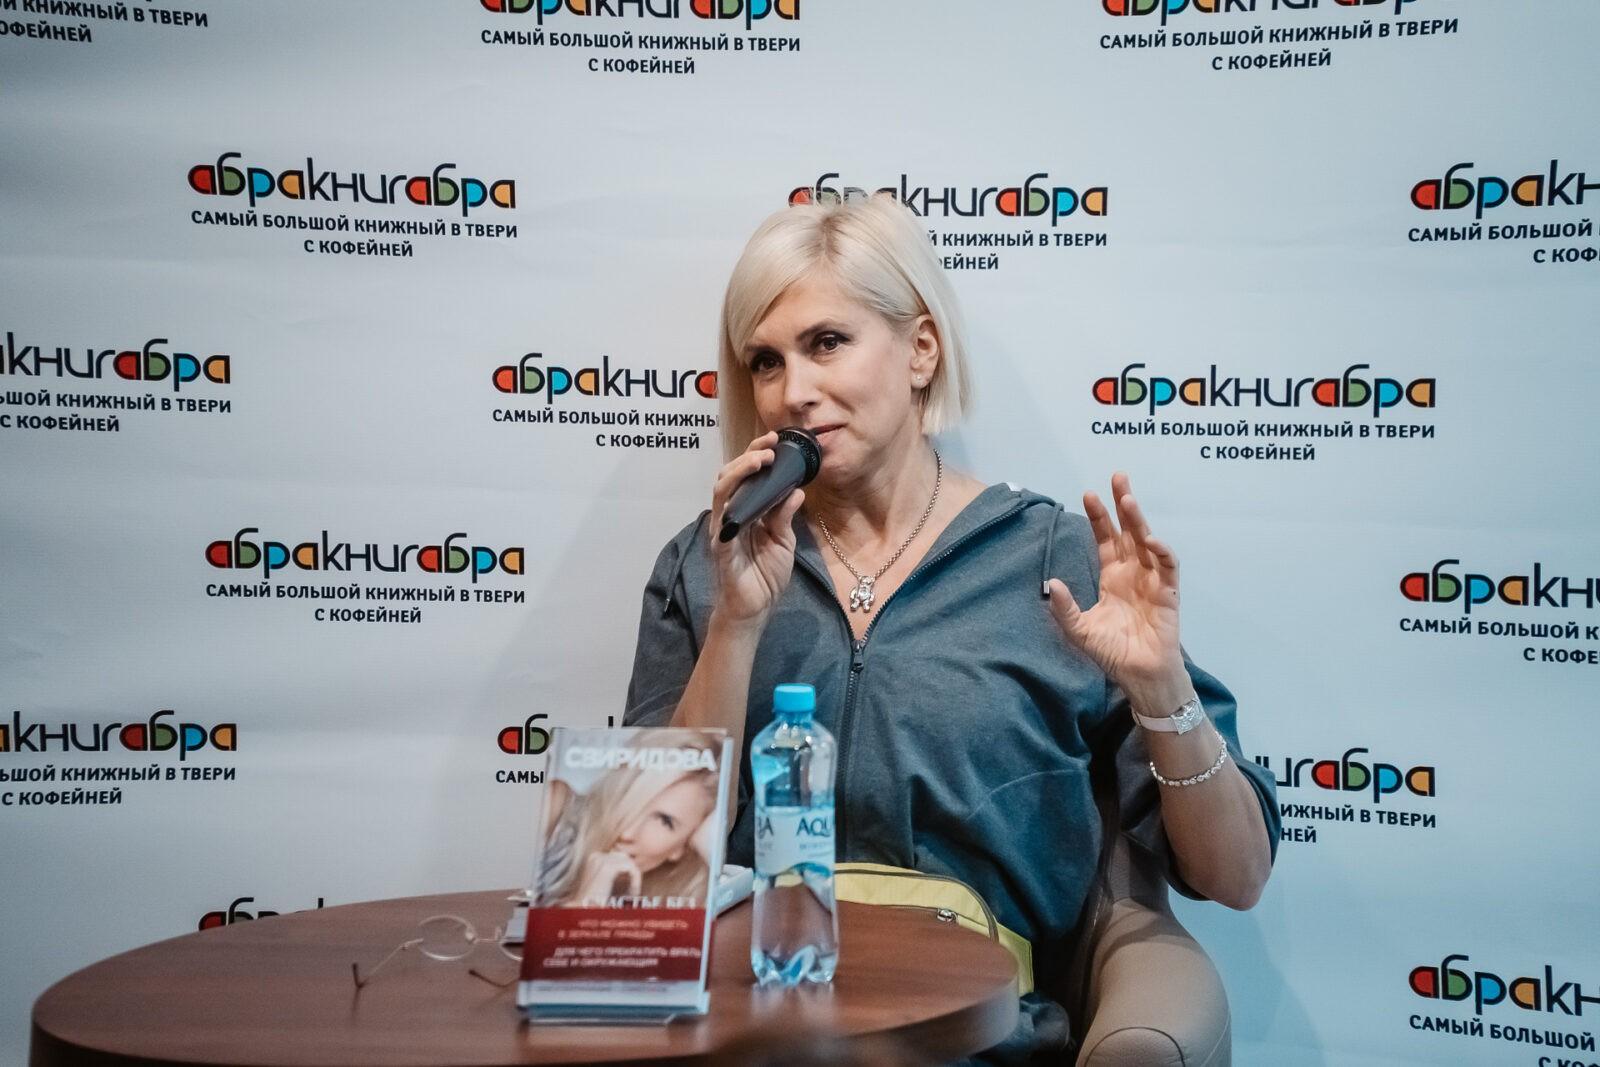 Алёна Свиридова в интервью Тверьлайф: Чаще всего мы лжем сами себе